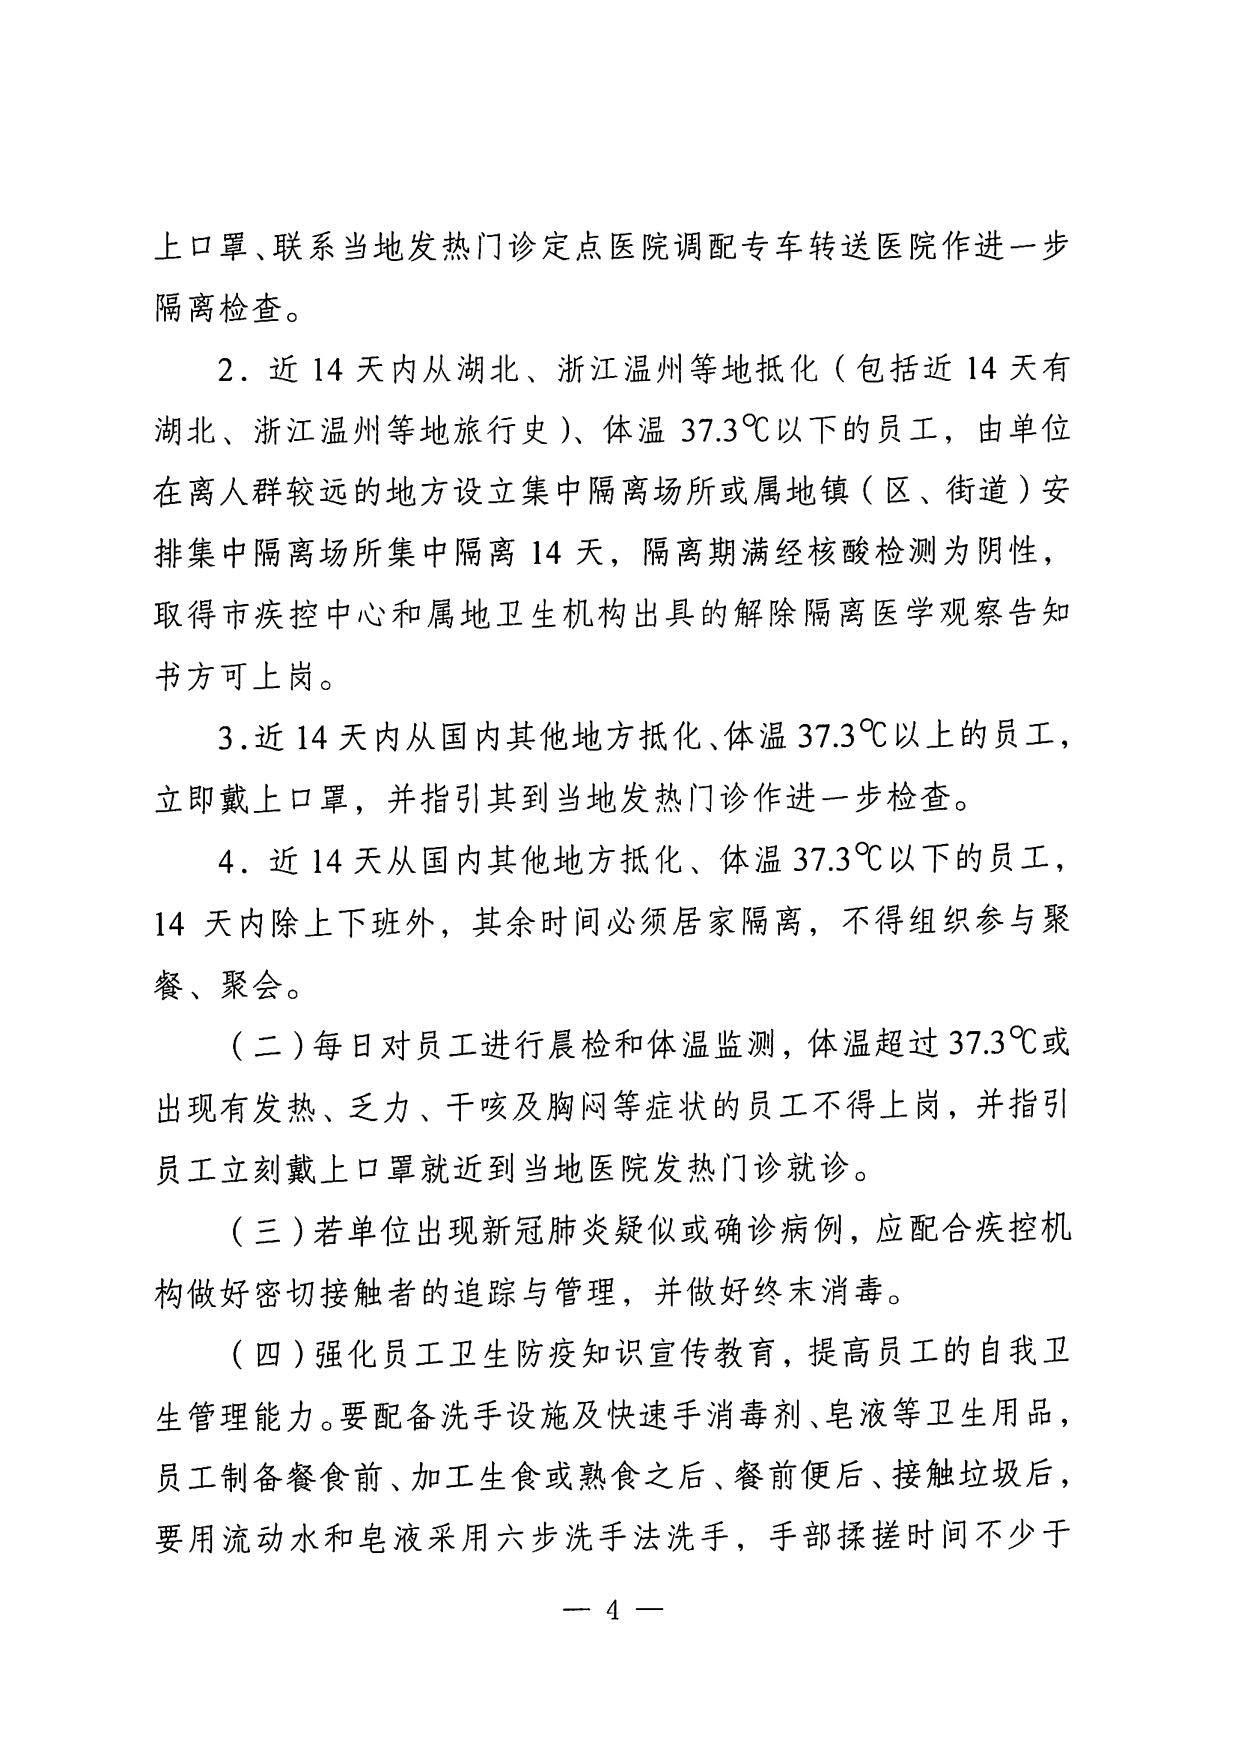 关于疫情防控期间餐饮经营单位恢复堂食服务的通告(第5号)_04.jpg